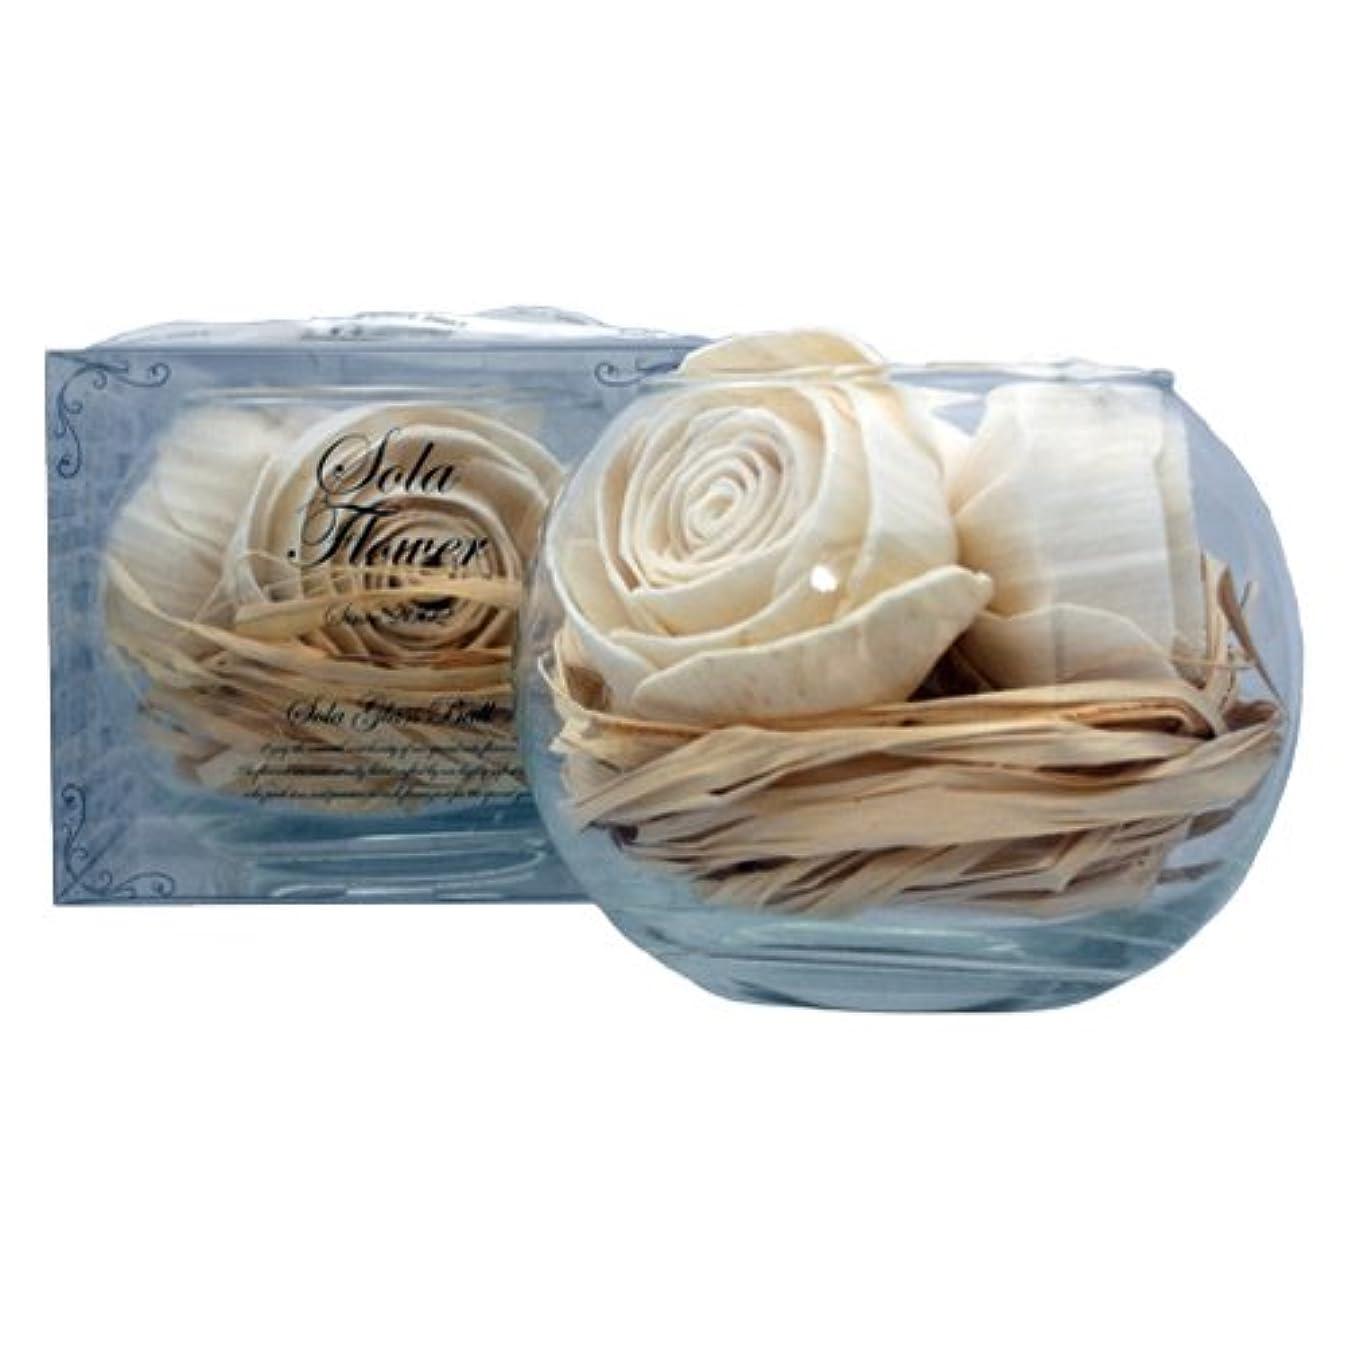 インド質量医師new Sola Flower ソラフラワー グラスボウル Original Rose オリジナルローズ Glass Bowl